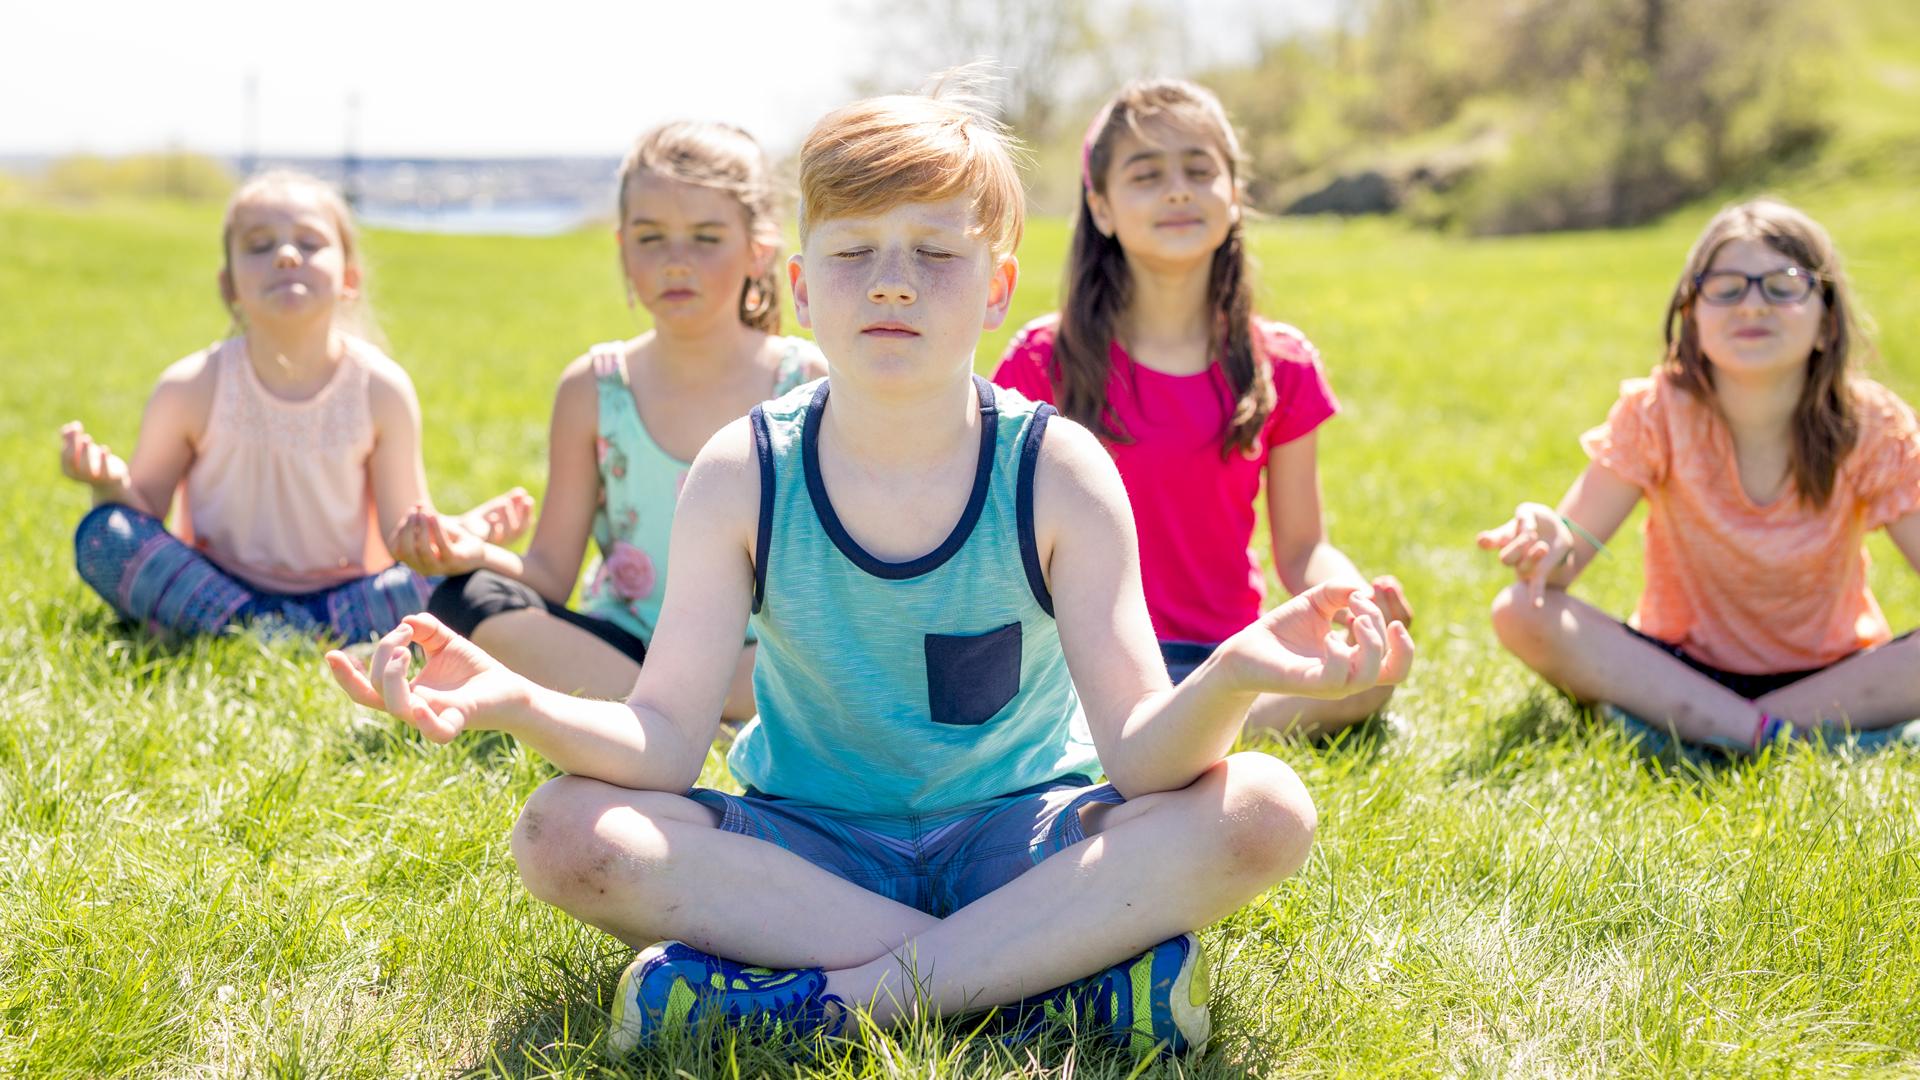 Sueño,ejercicio, nutrición, atención plena, salud mental y relaciones sanas son claves para la salud.